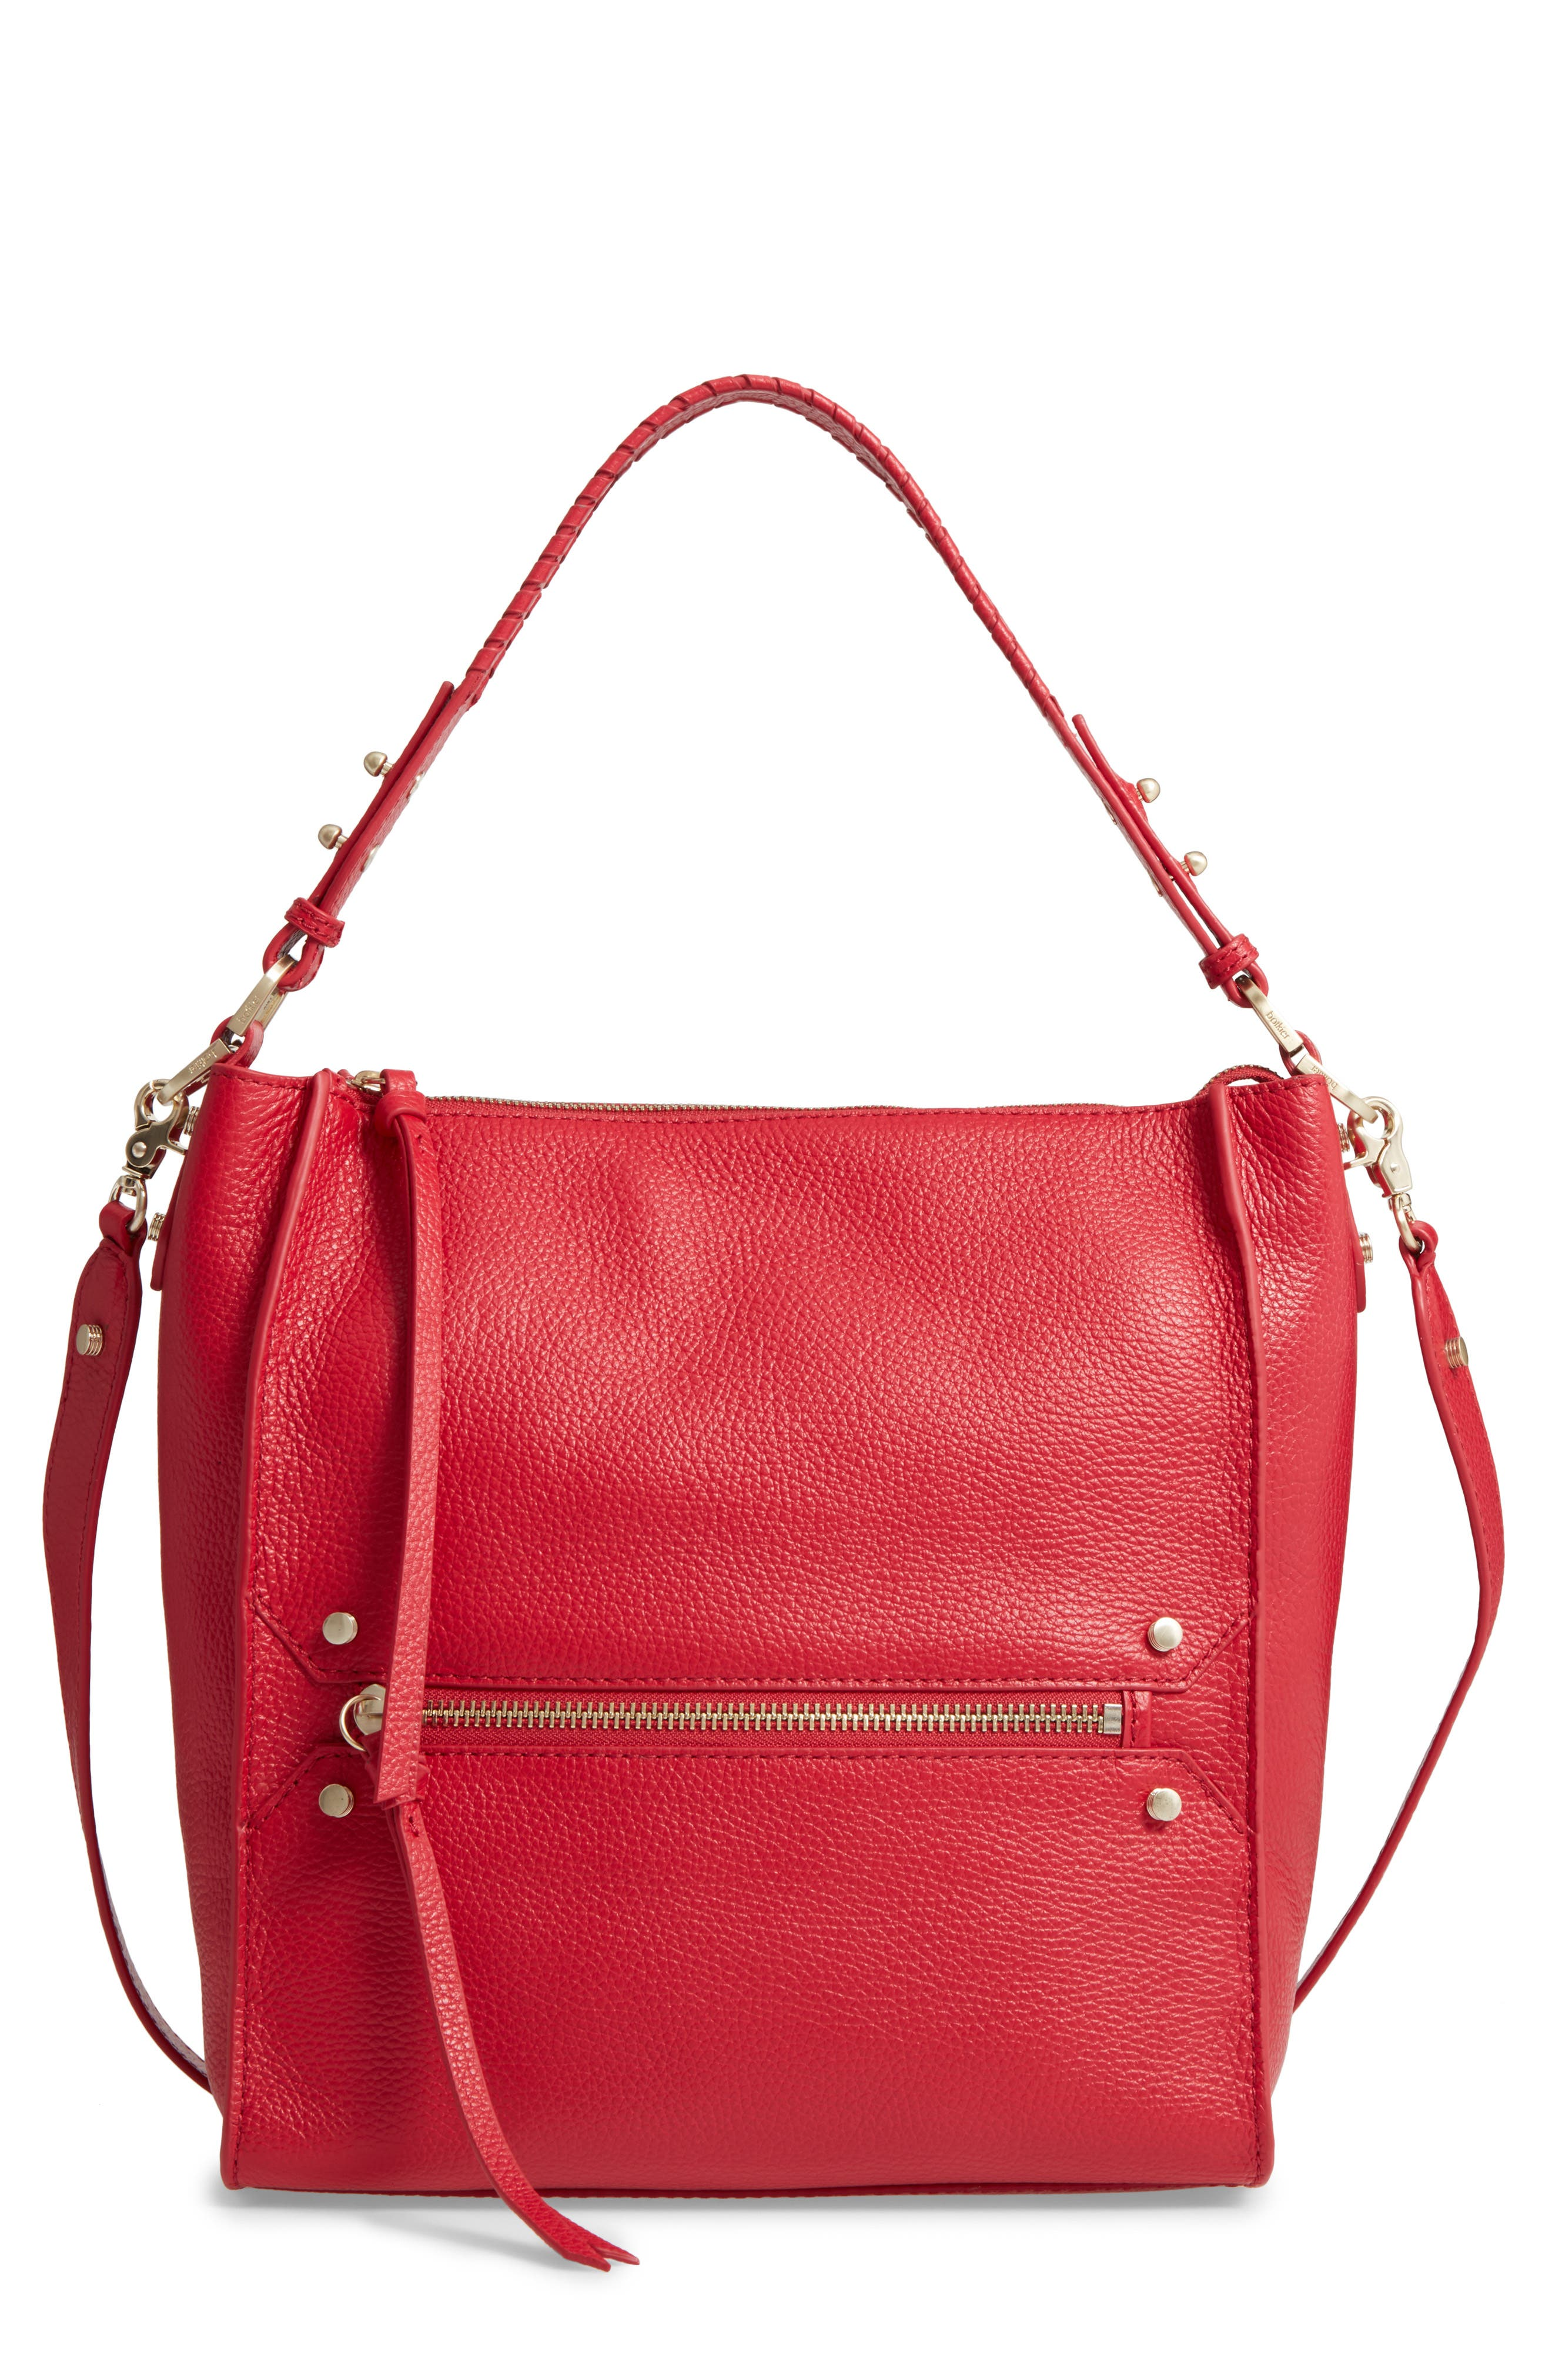 Main Image - Botkier Large Paloma Leather Hobo